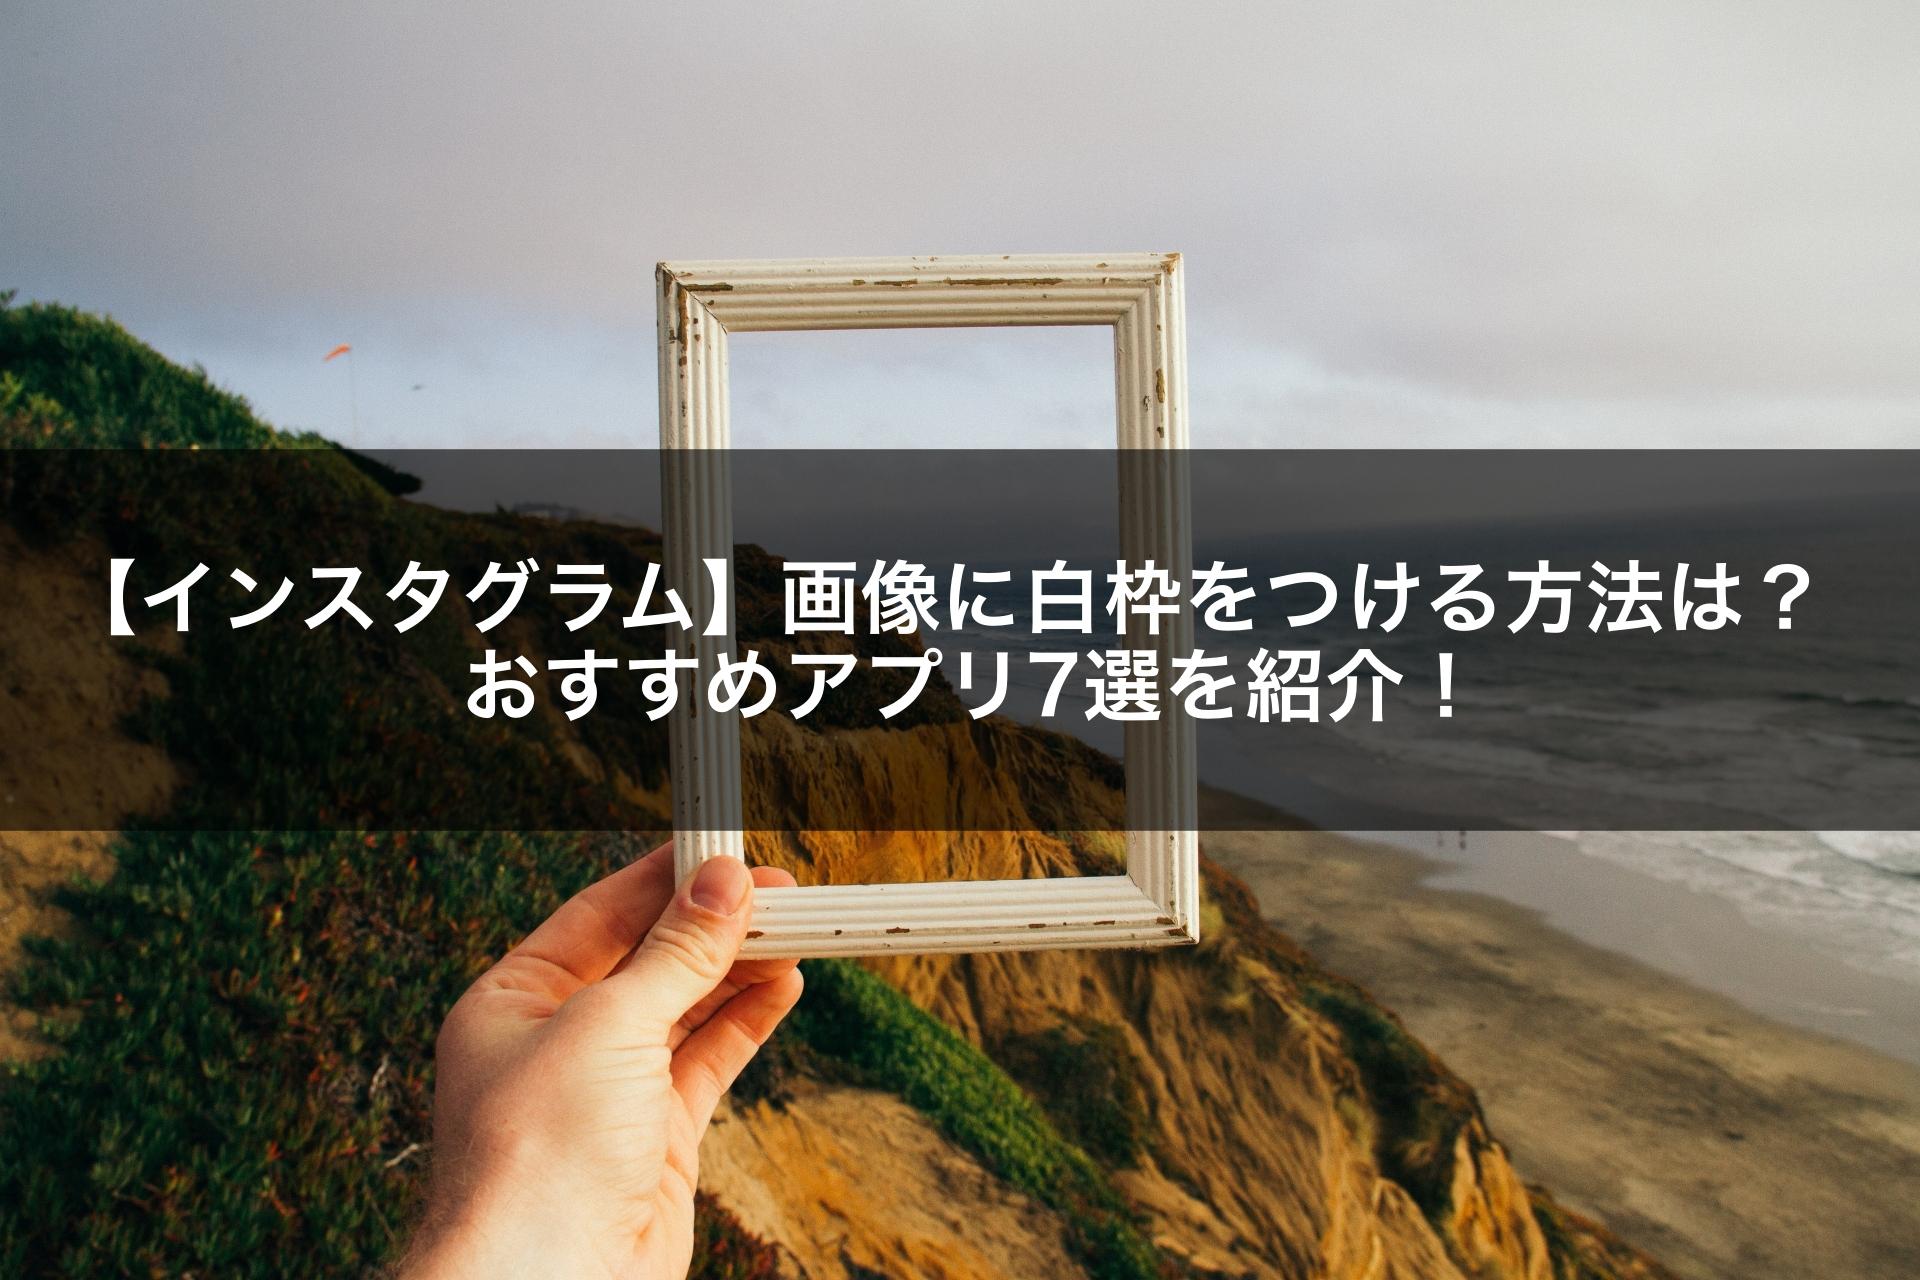 【インスタグラム】画像に白枠をつける方法は?おすすめアプリ7選を紹介!